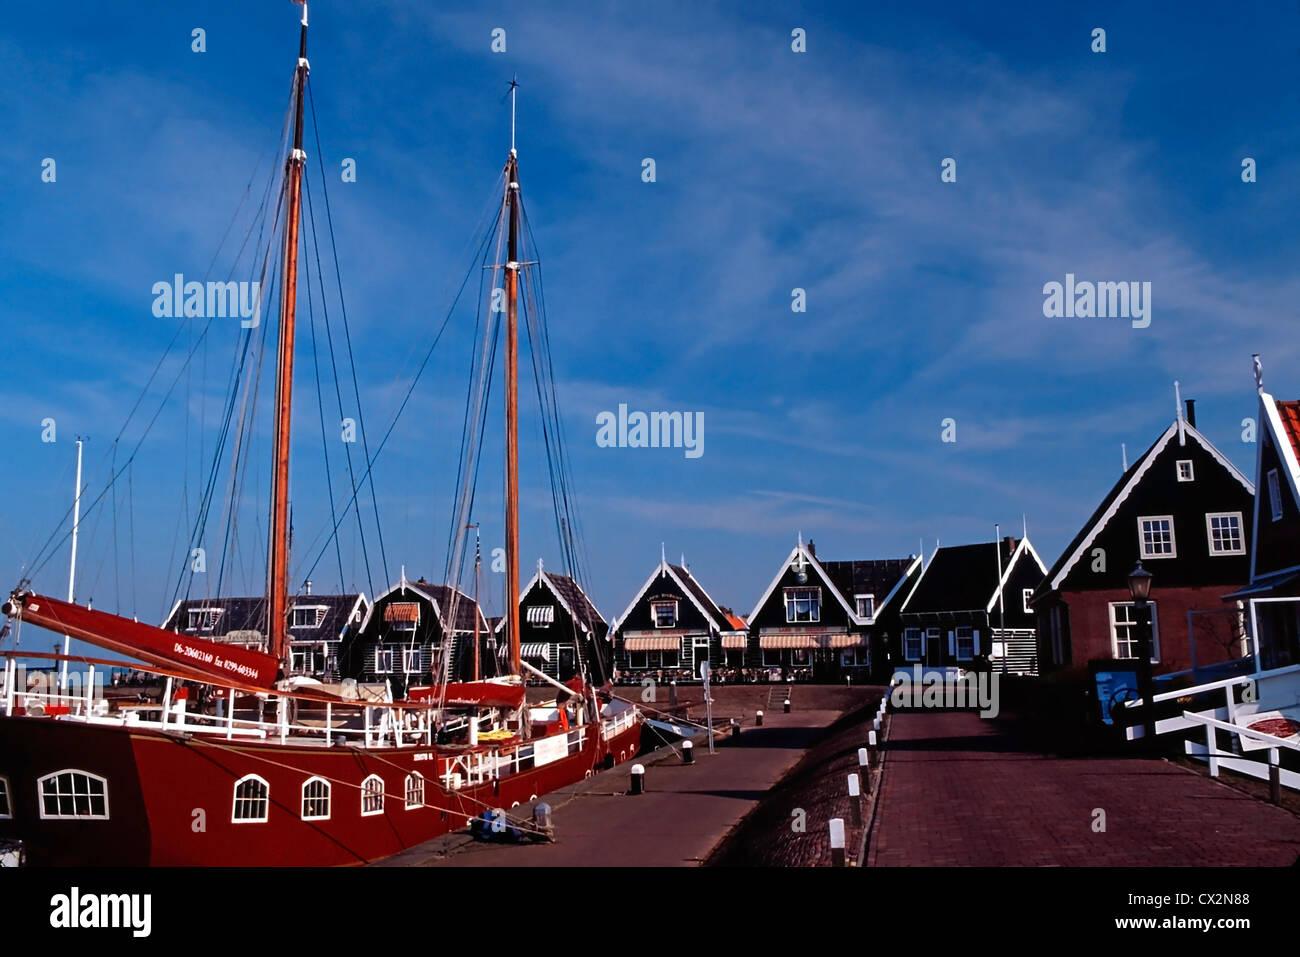 A Dutch schooner in the harbor of Marker, Netherlands Stock Photo